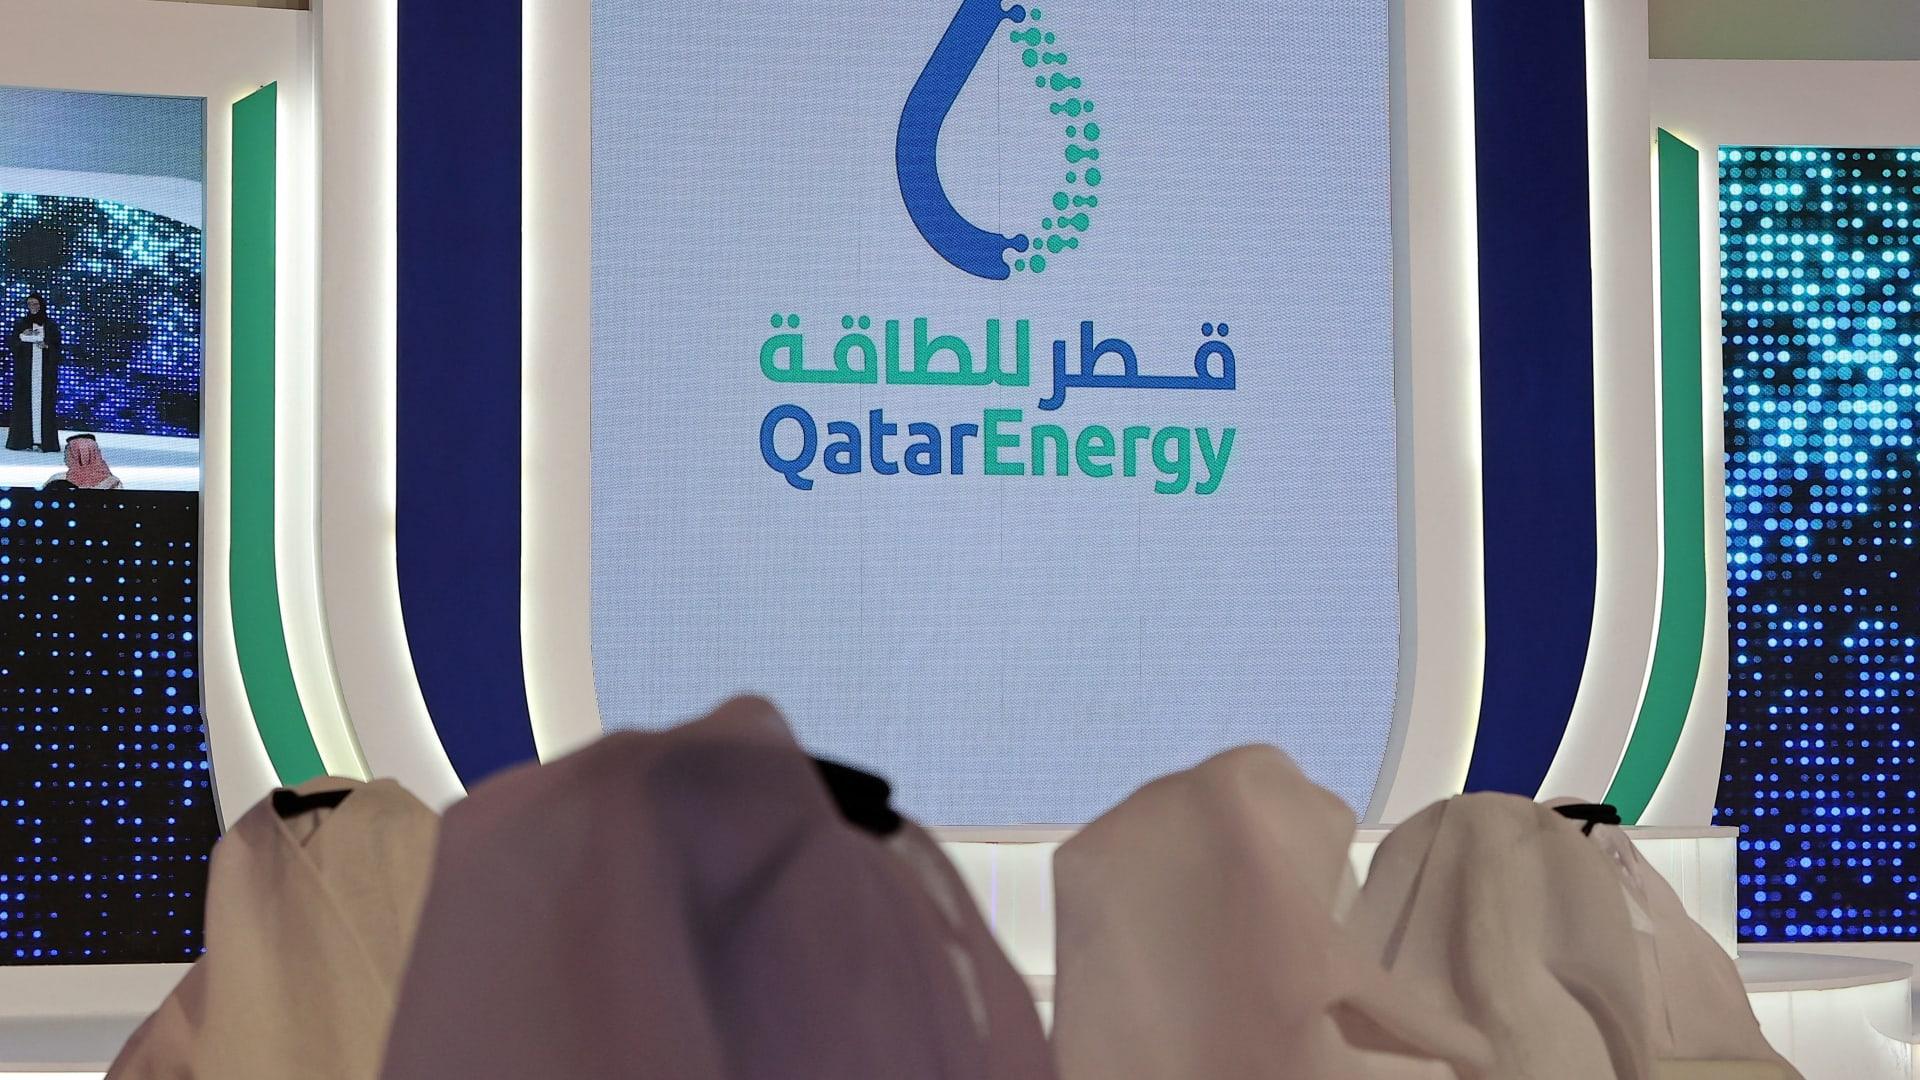 العلامة التجارية لقطر للطاقة في مؤتمر صحفي أقيم في الدوحة الاثنين